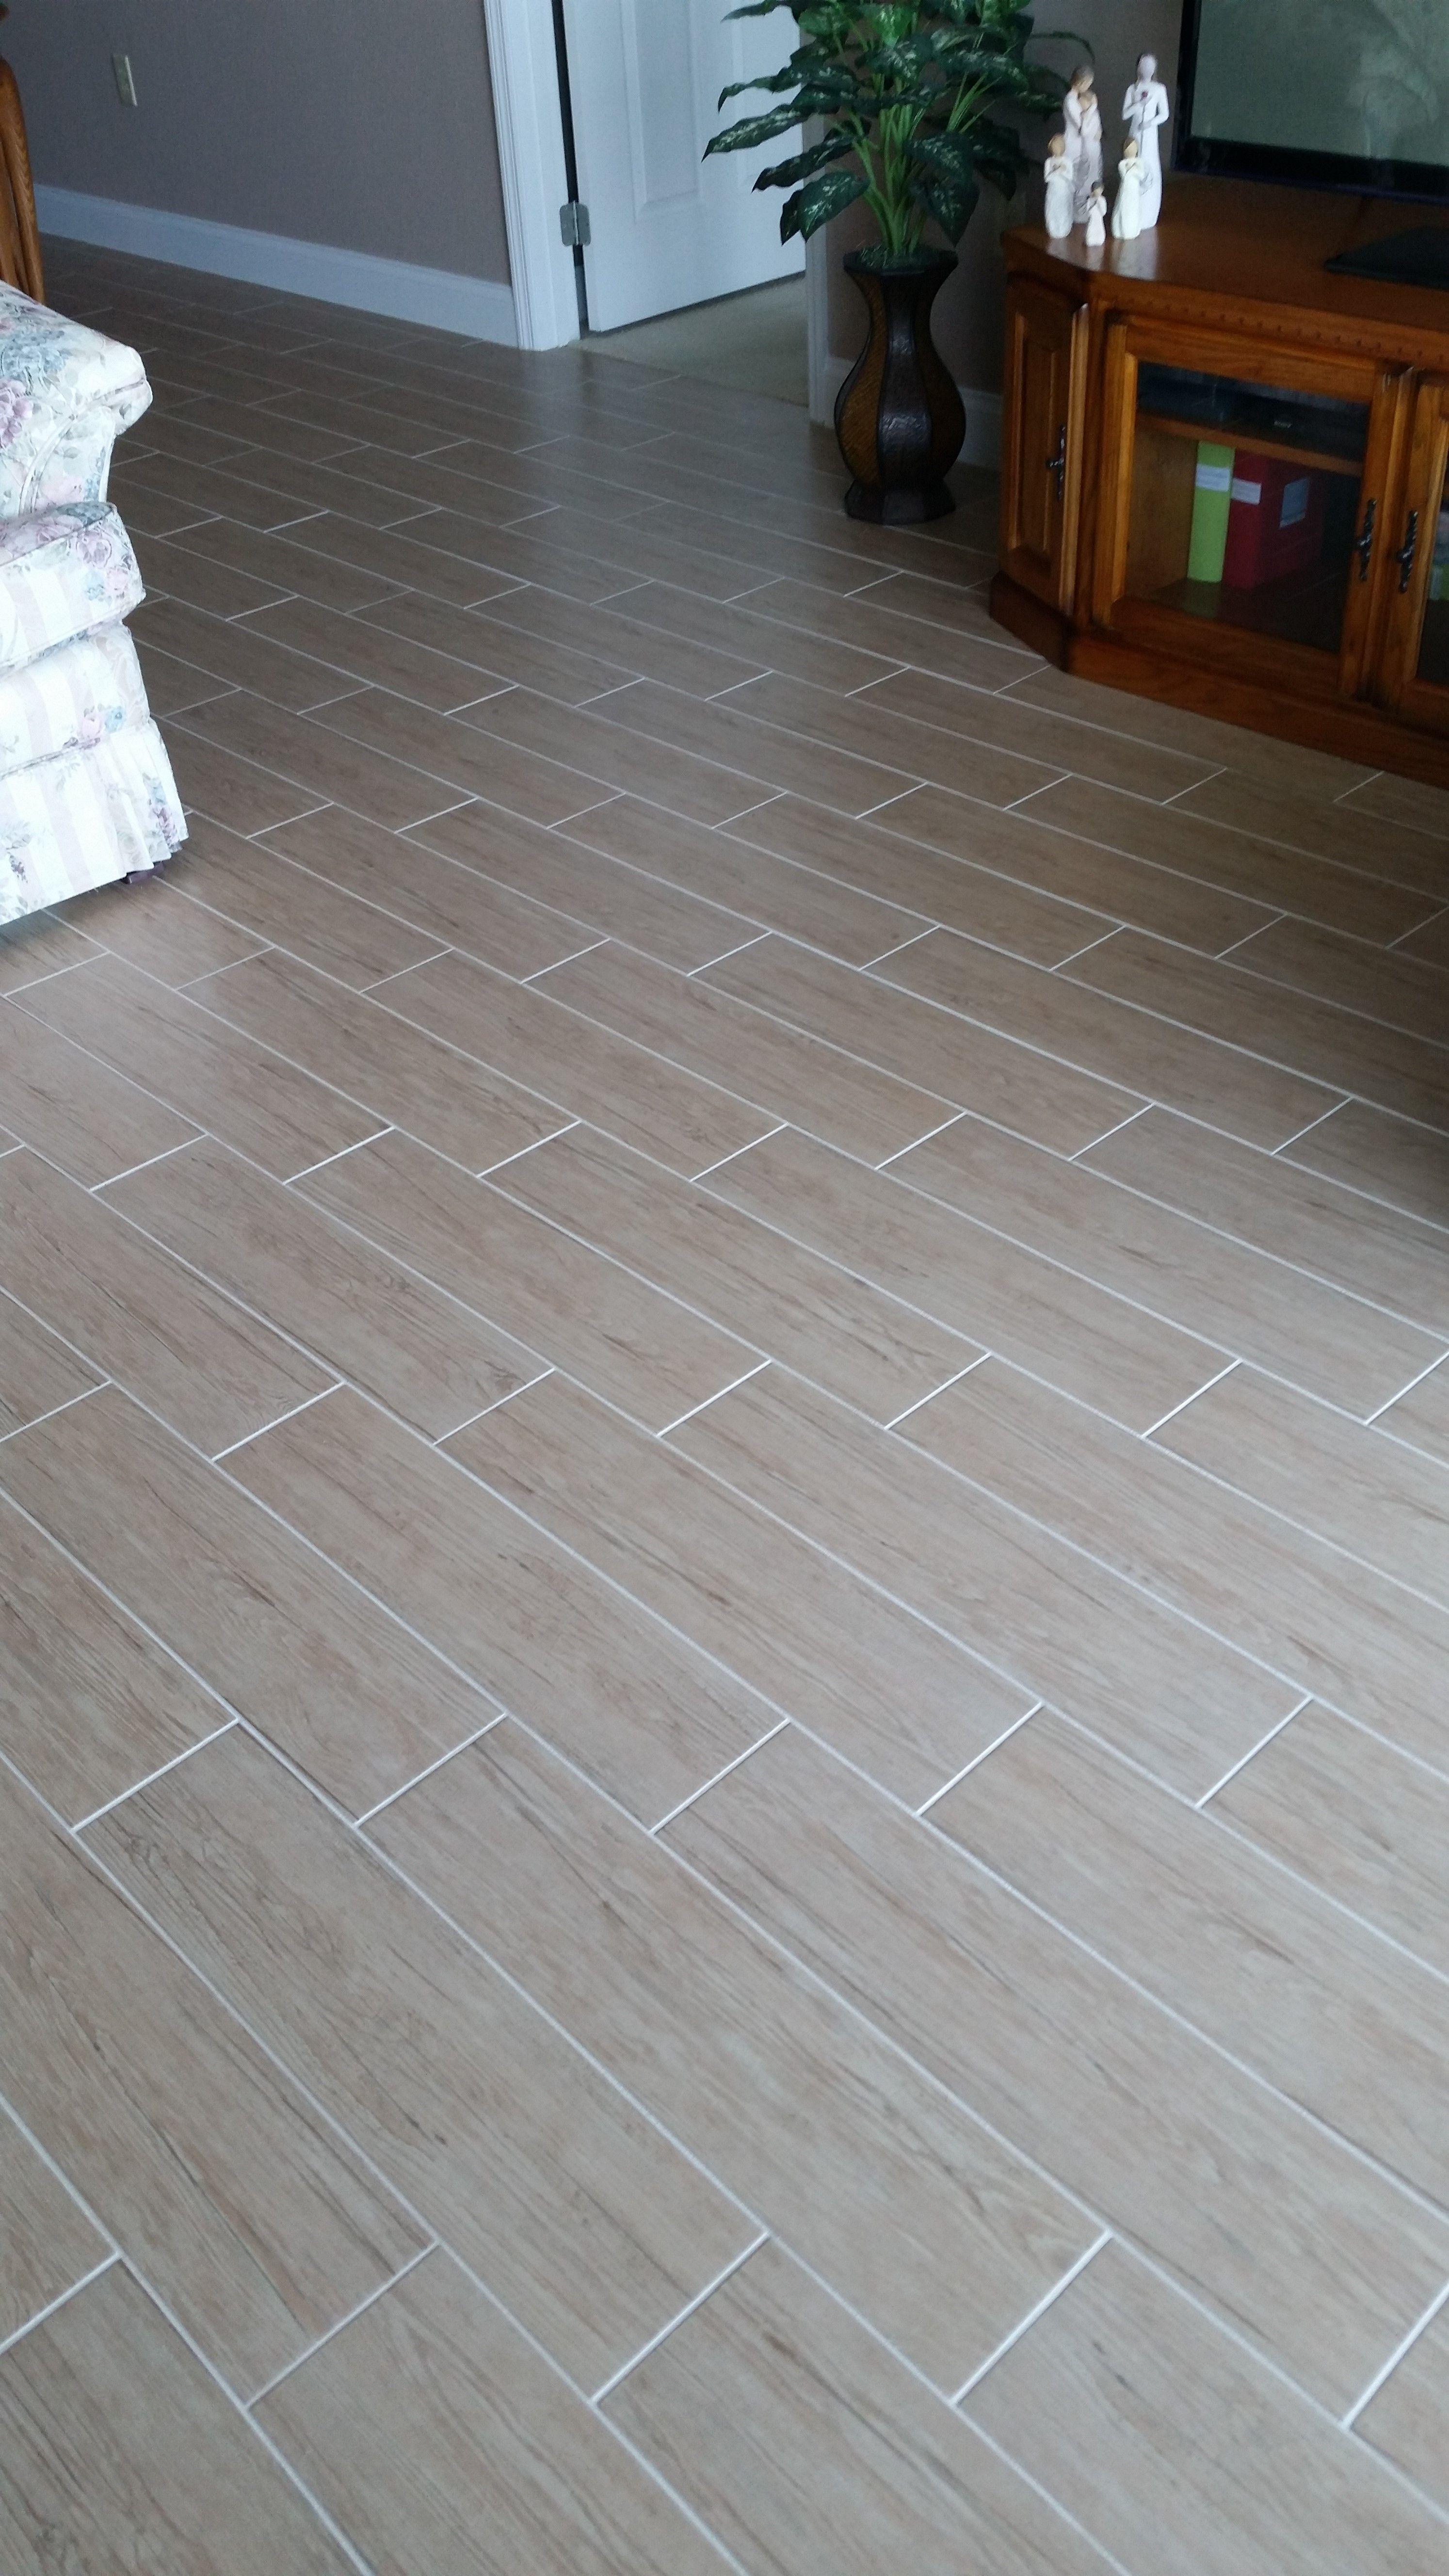 Idea Ceramica Nottingham Porcelain Tile Plank. Idea Ceramica Nottingham Porcelain Tile Plank   Tile   Pinterest